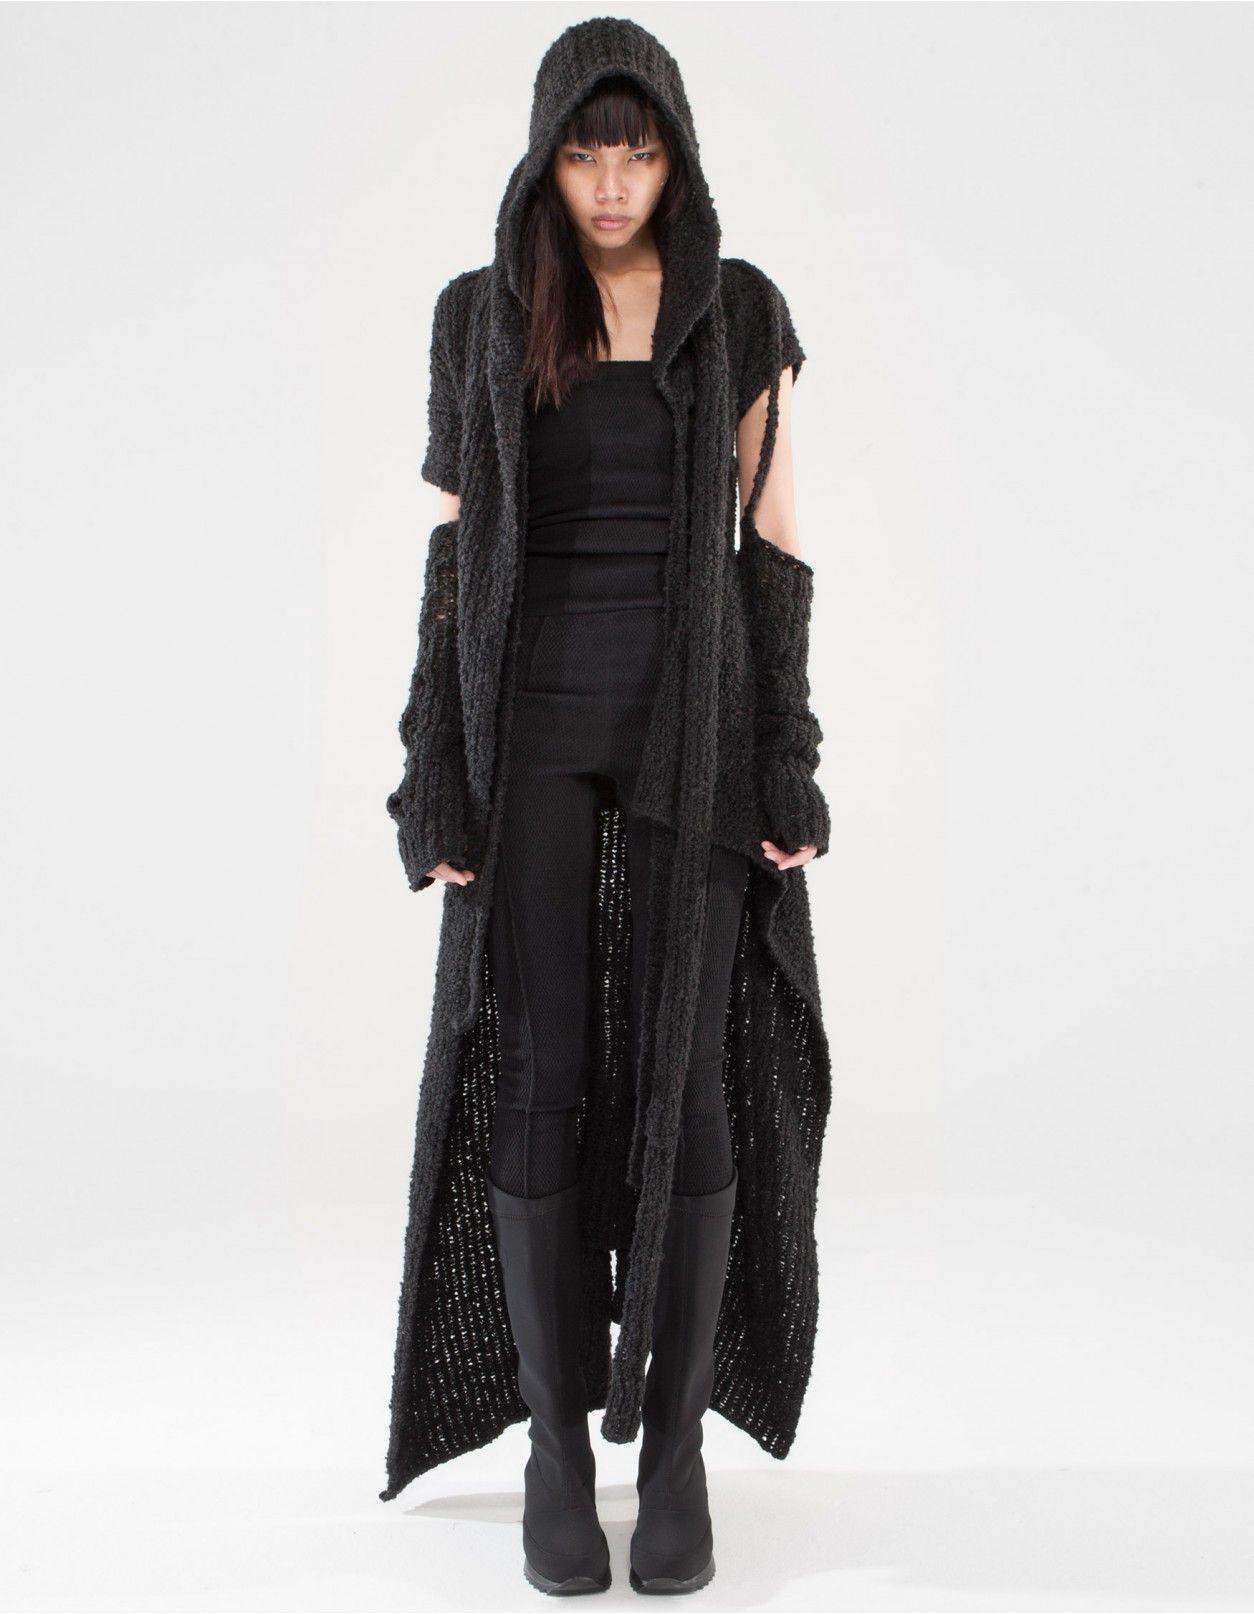 Dystopian Fashion Women